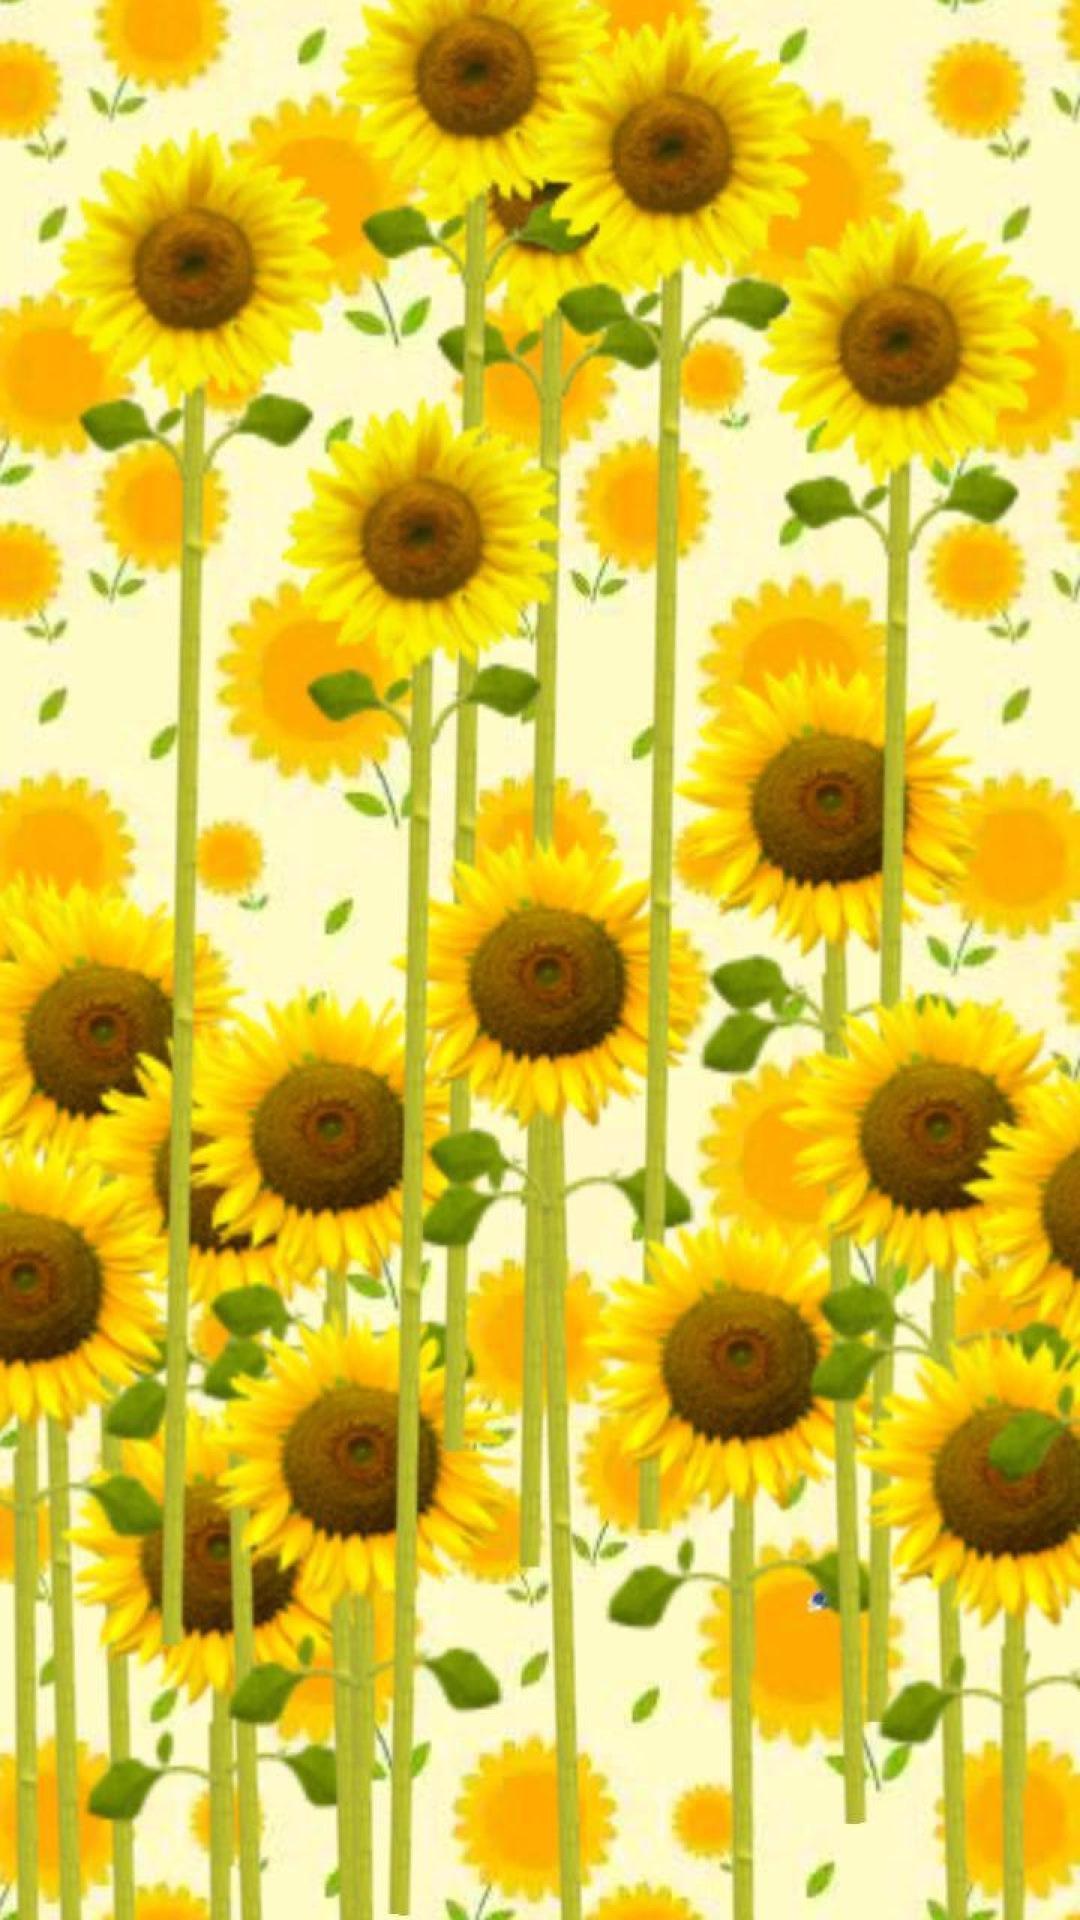 向日葵主题动态壁纸下载